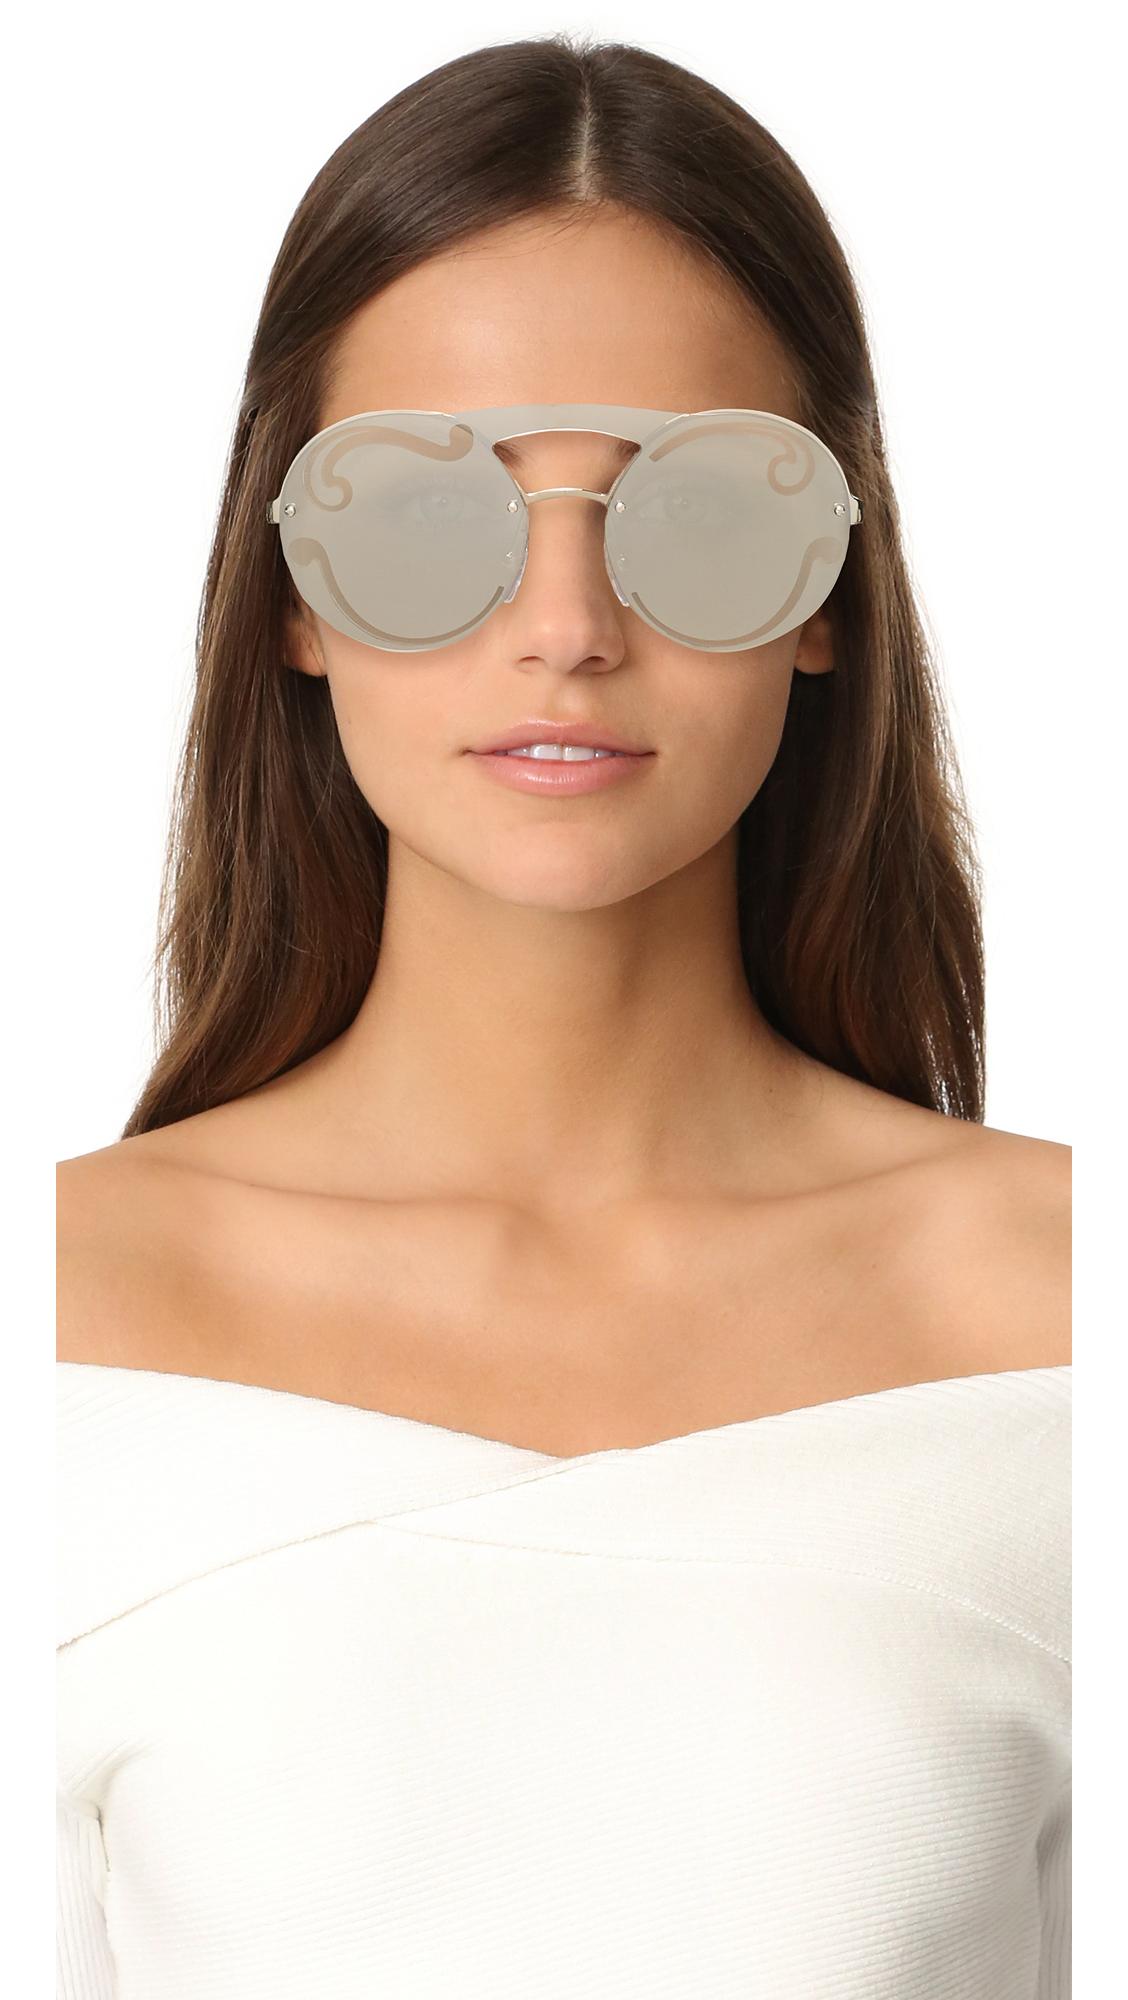 b56603c01e27 ... cheap prada cinema round brow bar sunglasses shopbop f7702 c3436